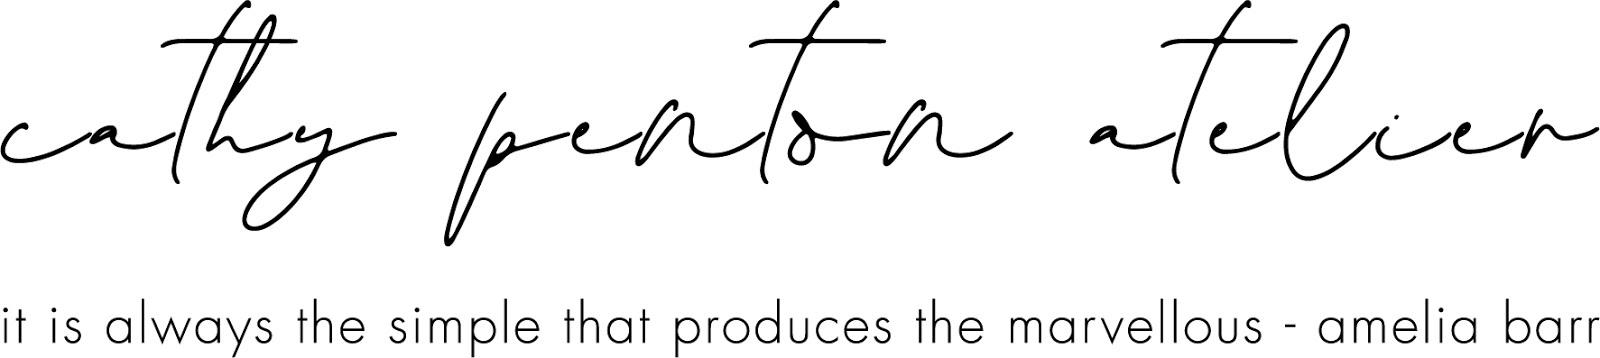 Cathy Penton Atelier